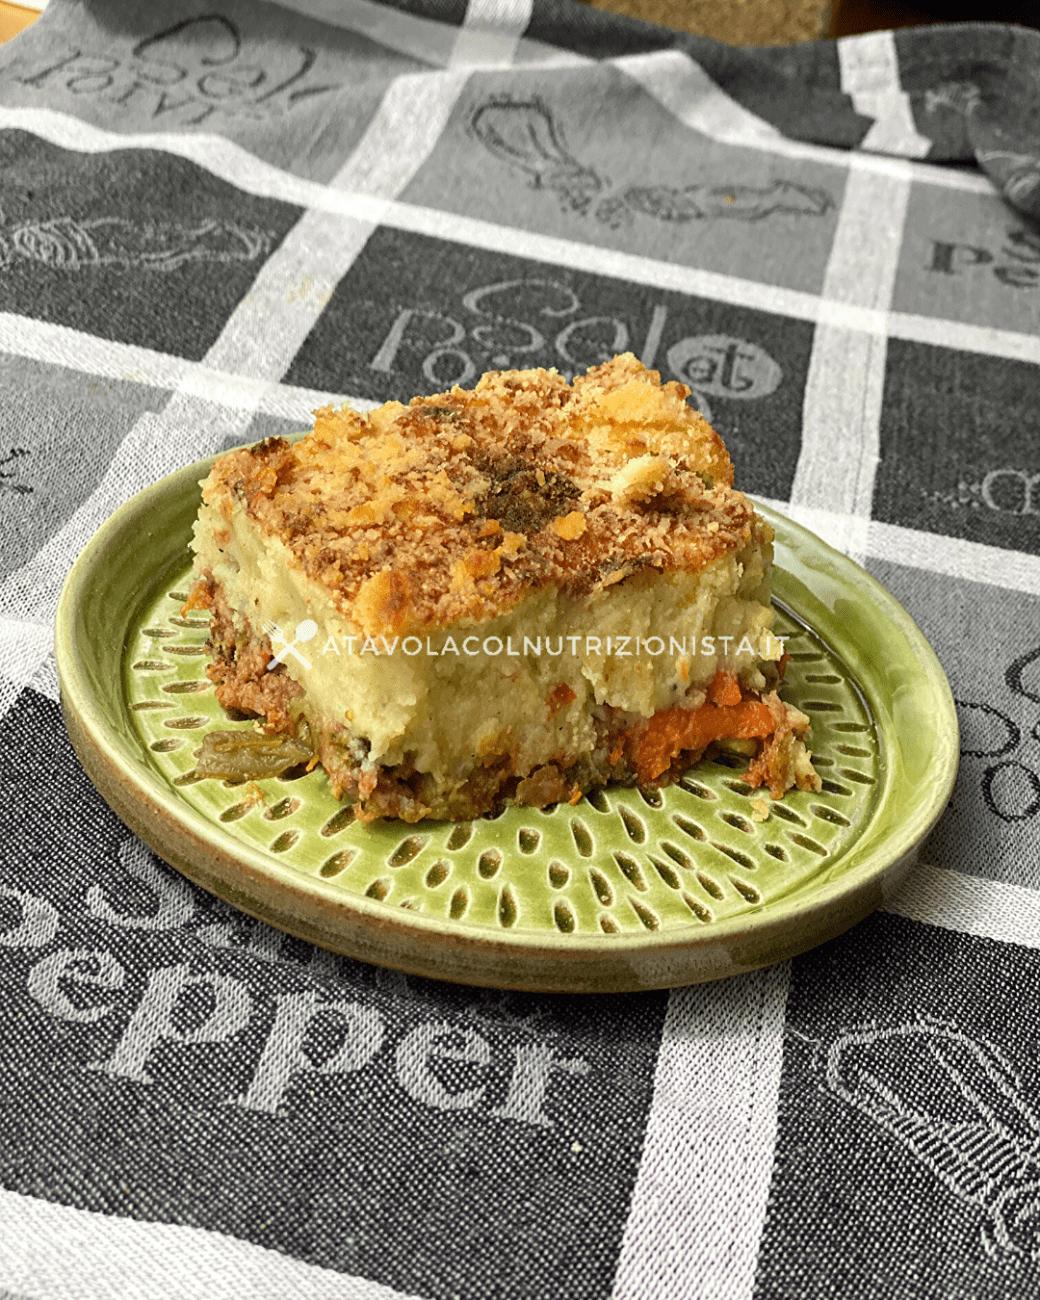 Pasticcio di Carne e Patate – Cottage Pie